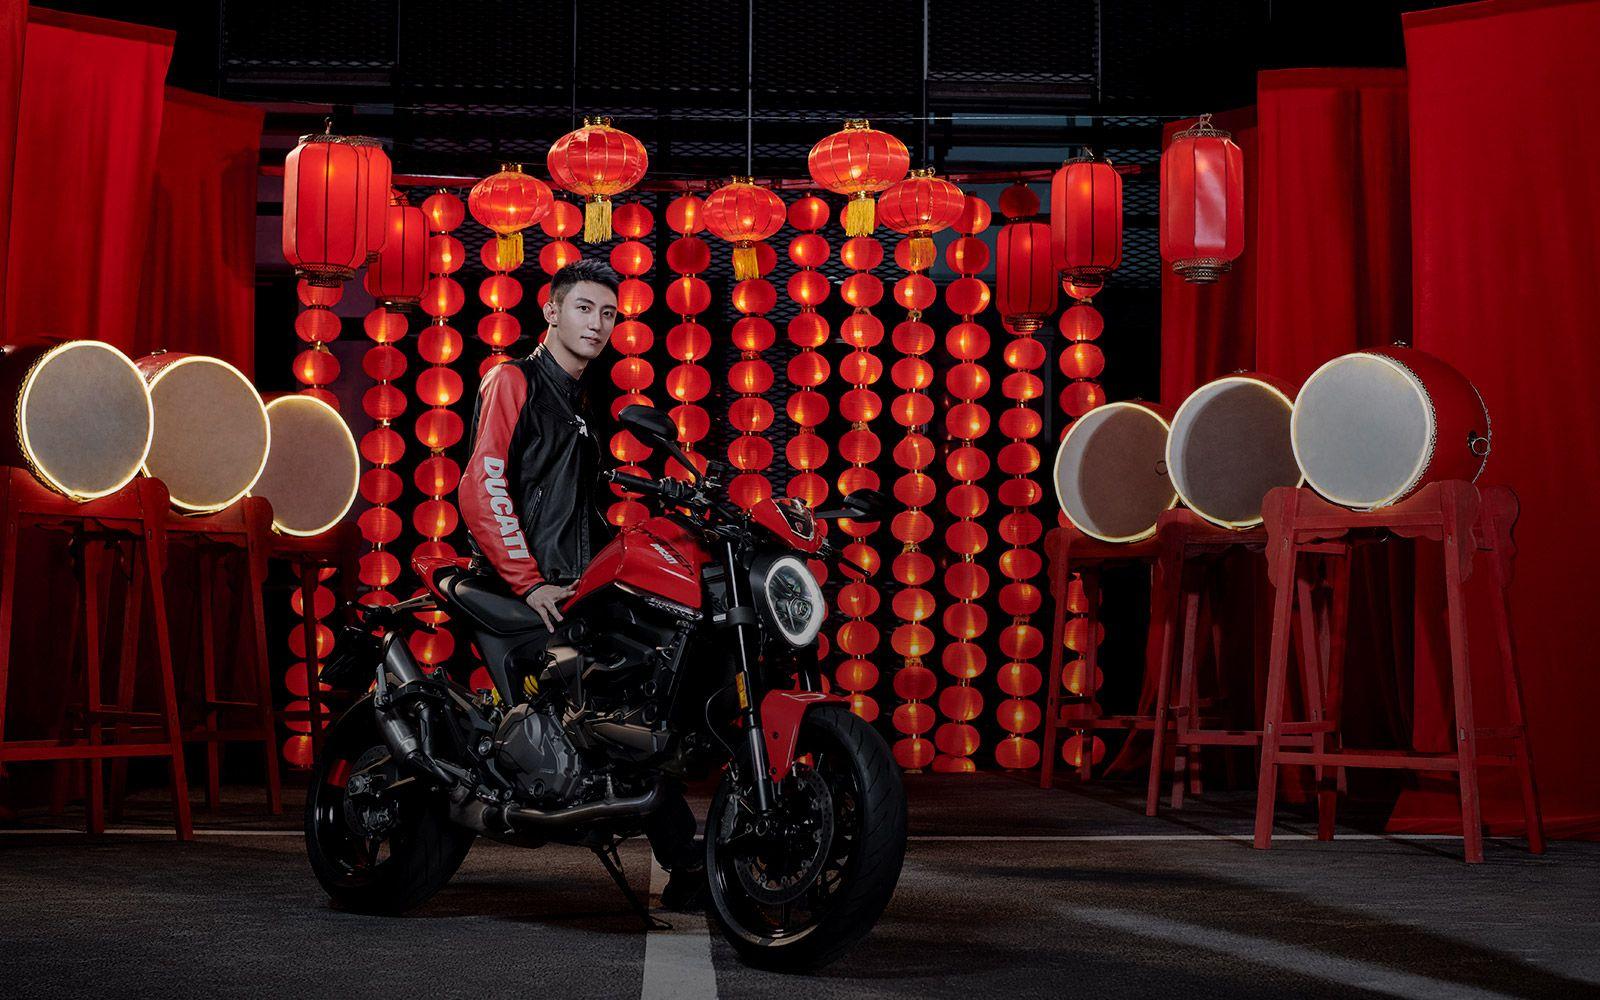 Ducati Monster Bike on Road Price in India